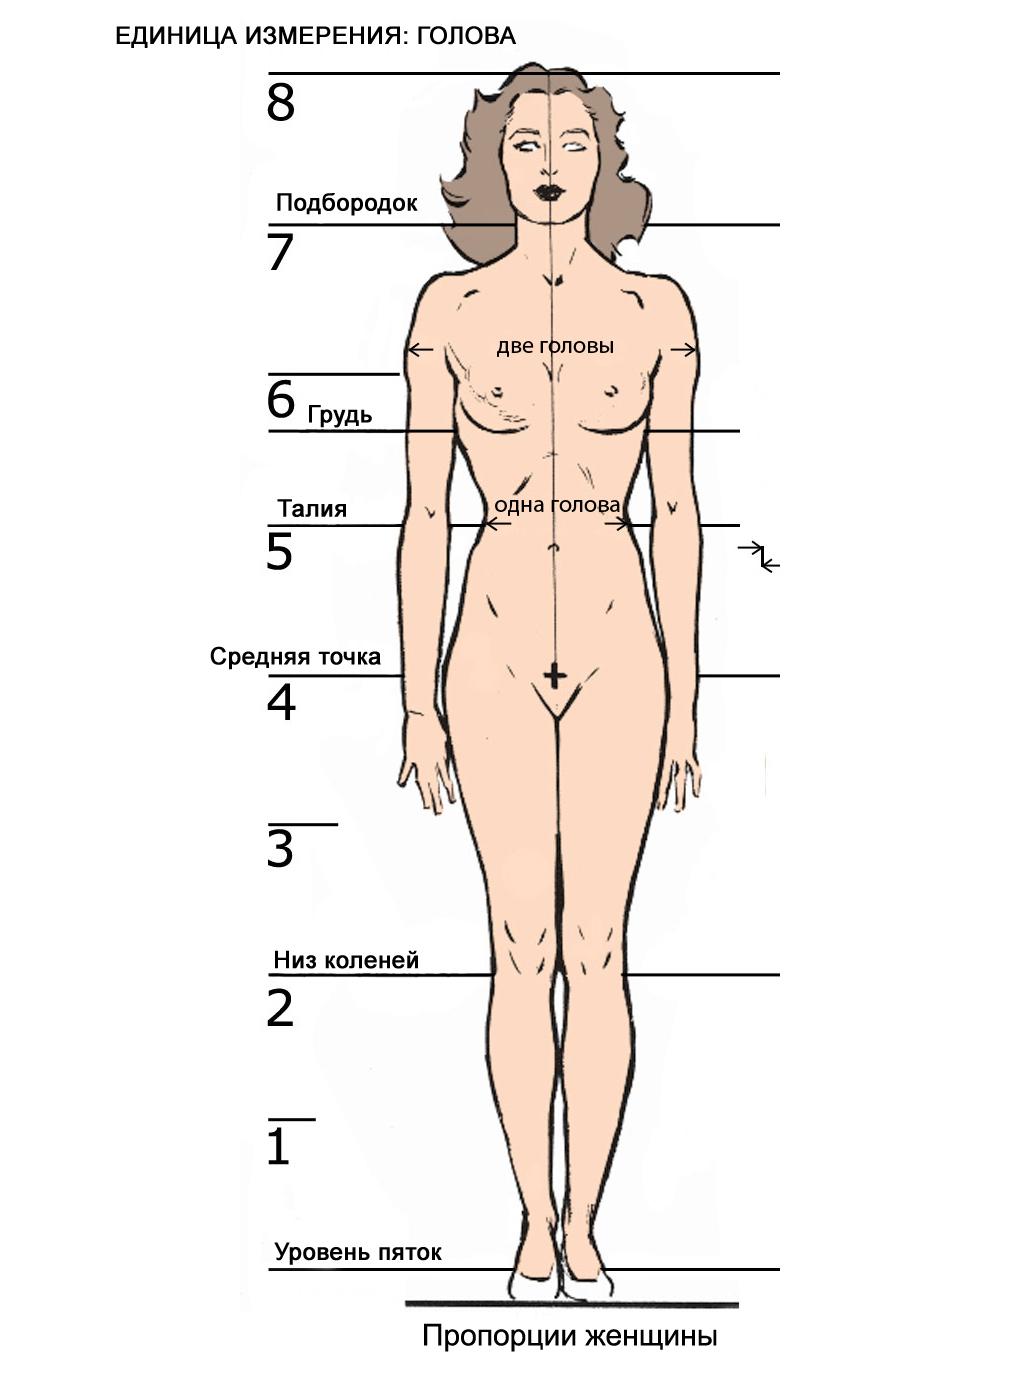 proporcii-zhenshini Как нарисовать женское тело карандашом поэтапно || Как нарисовать женскую грудь мастер с описанием